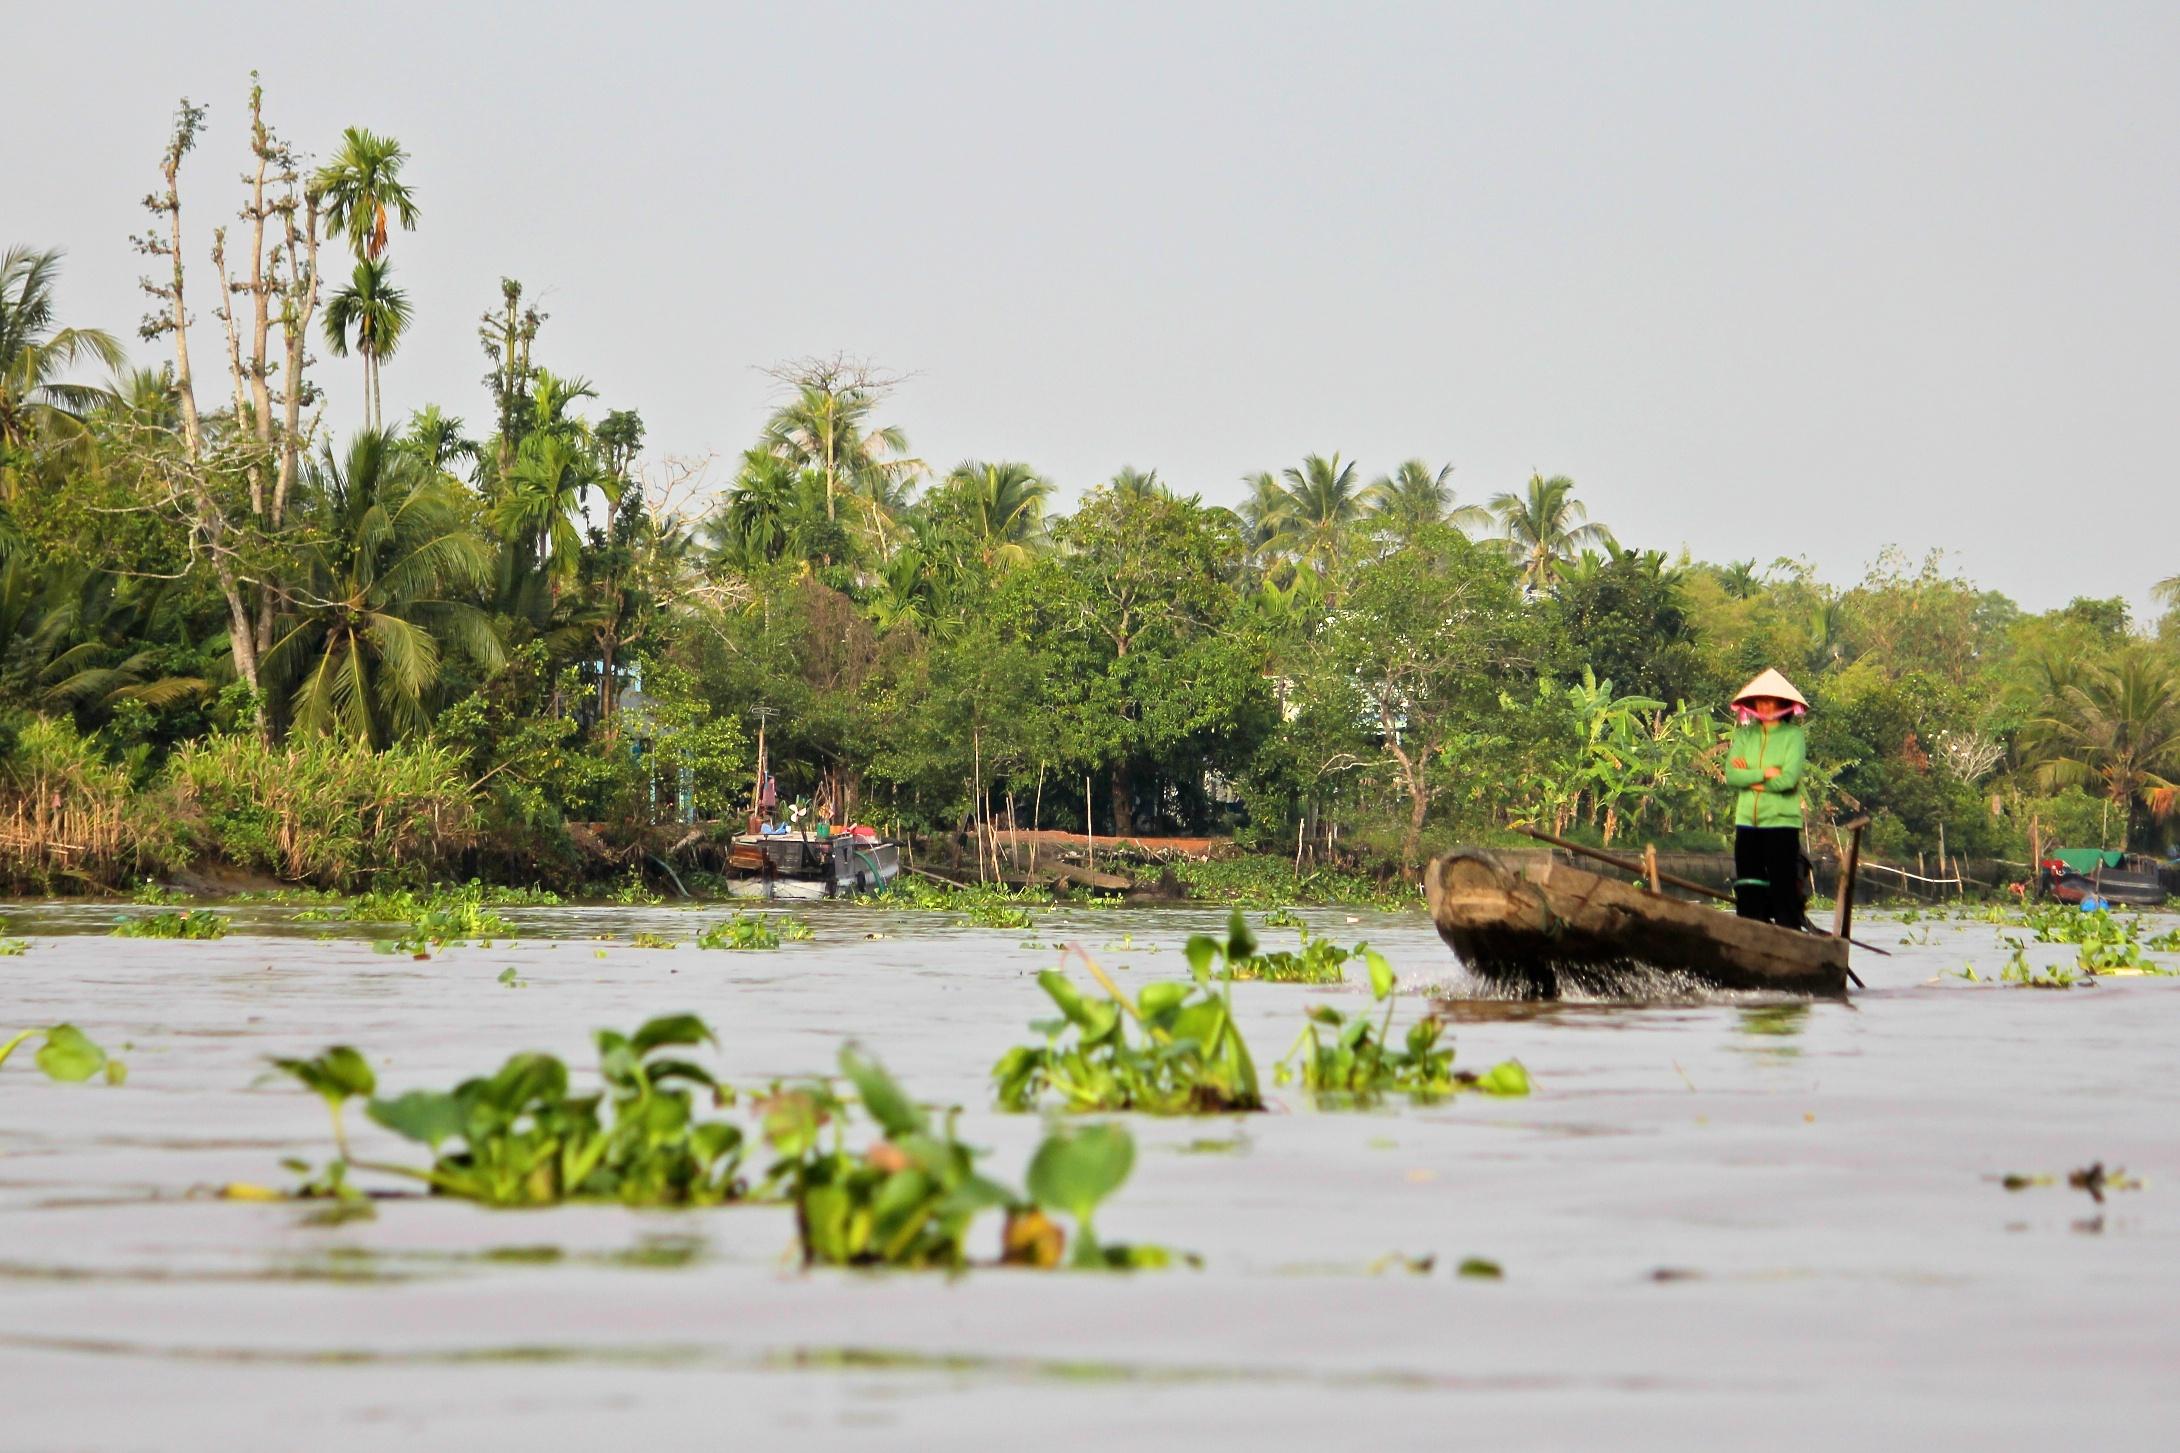 Du cambodge au vietnam sur les flots du m kong for Acheter maison cambodge